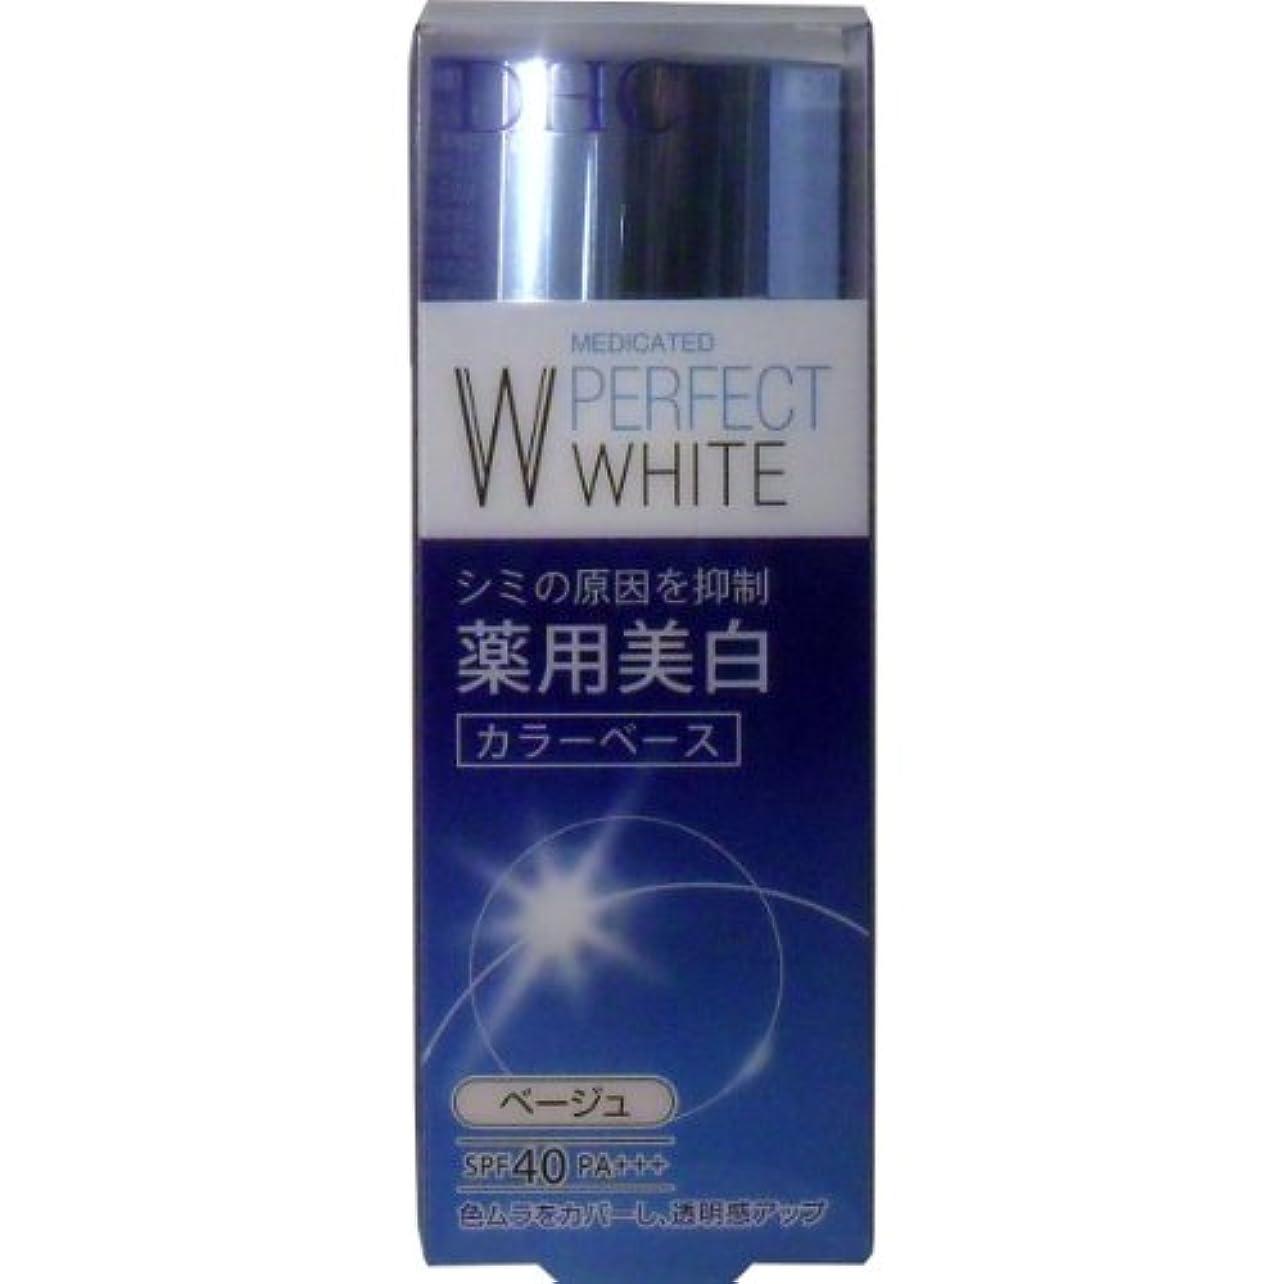 嵐表面インサートDHC 薬用美白パーフェクトホワイト カラーベース ベージュ 30g (商品内訳:単品1個)